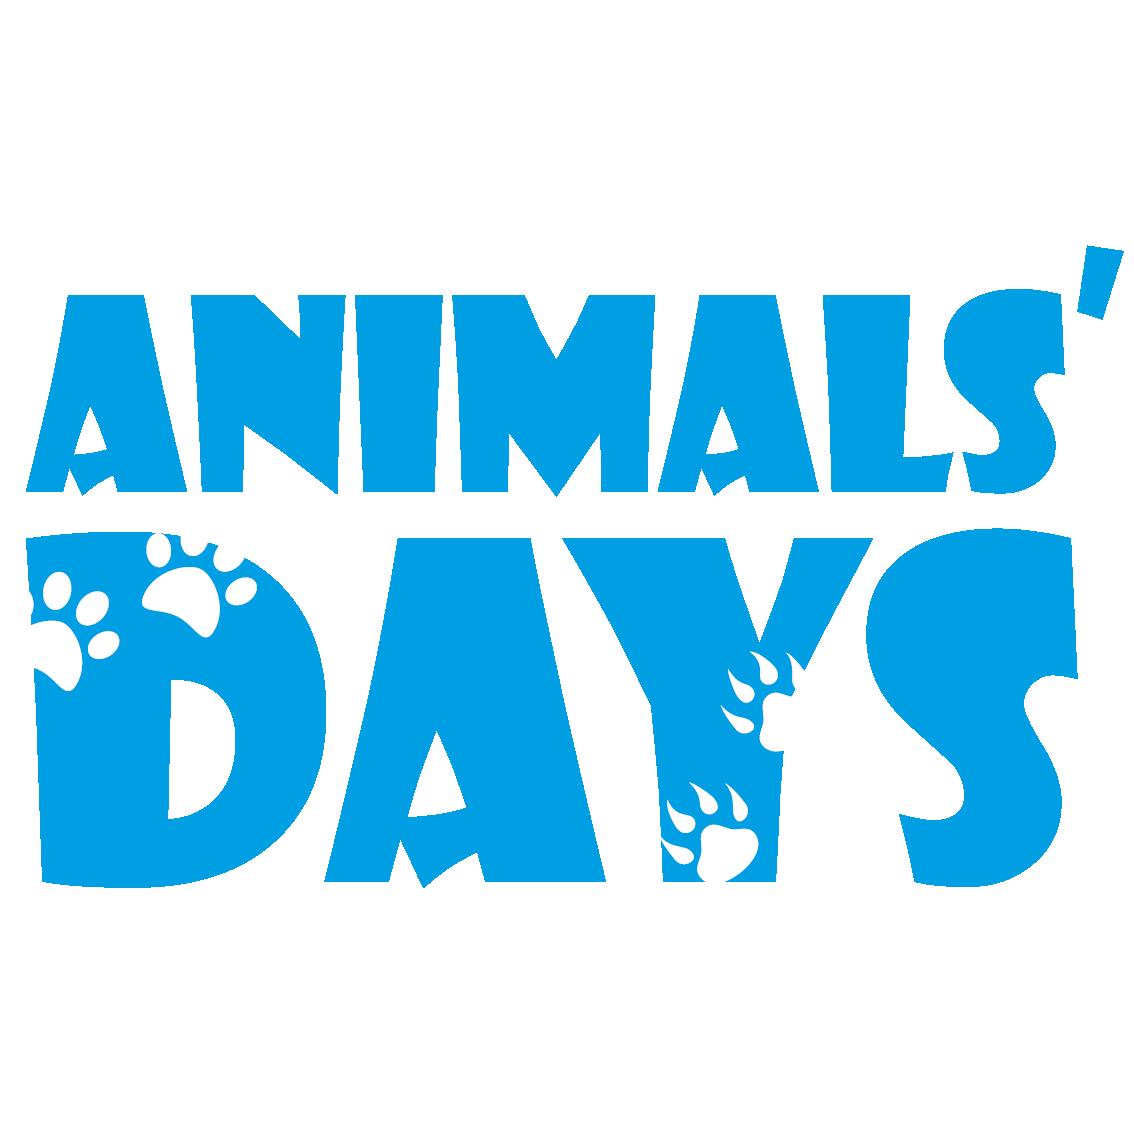 Zarezerwuj już dziś termin 29 – 31 marca i przybądź na Animals Days!